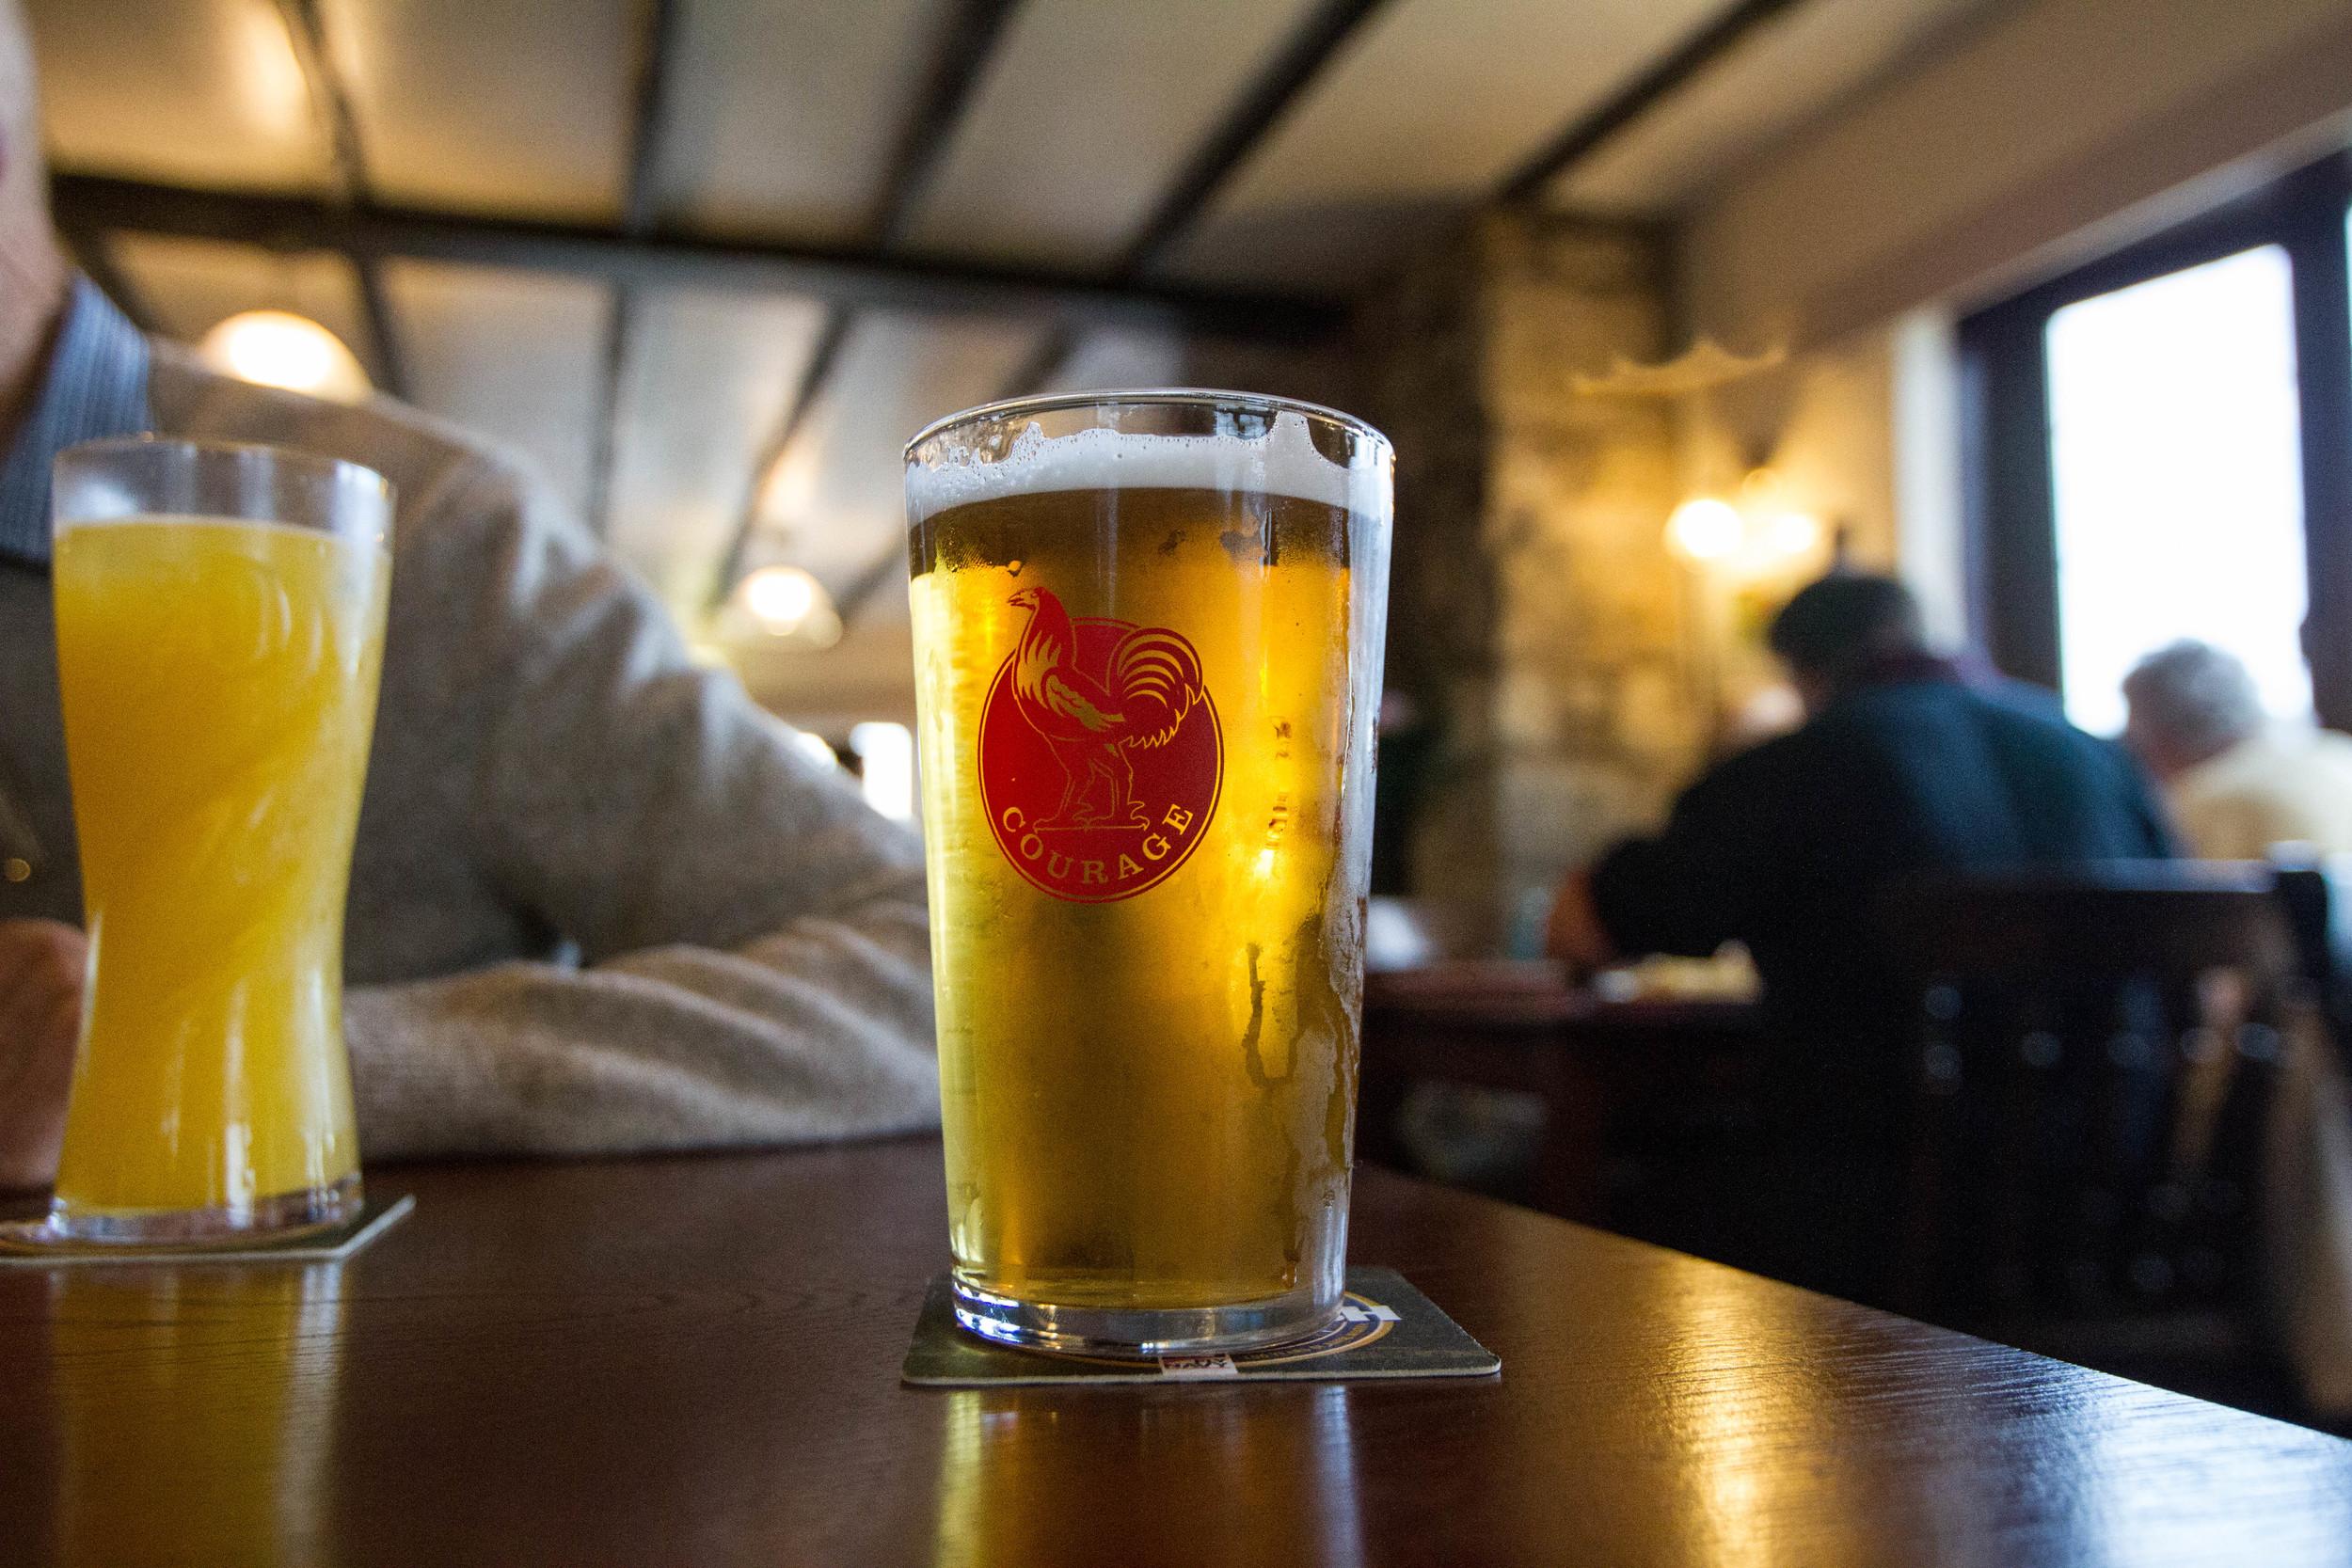 pint of beer at culver haven inn.jpg